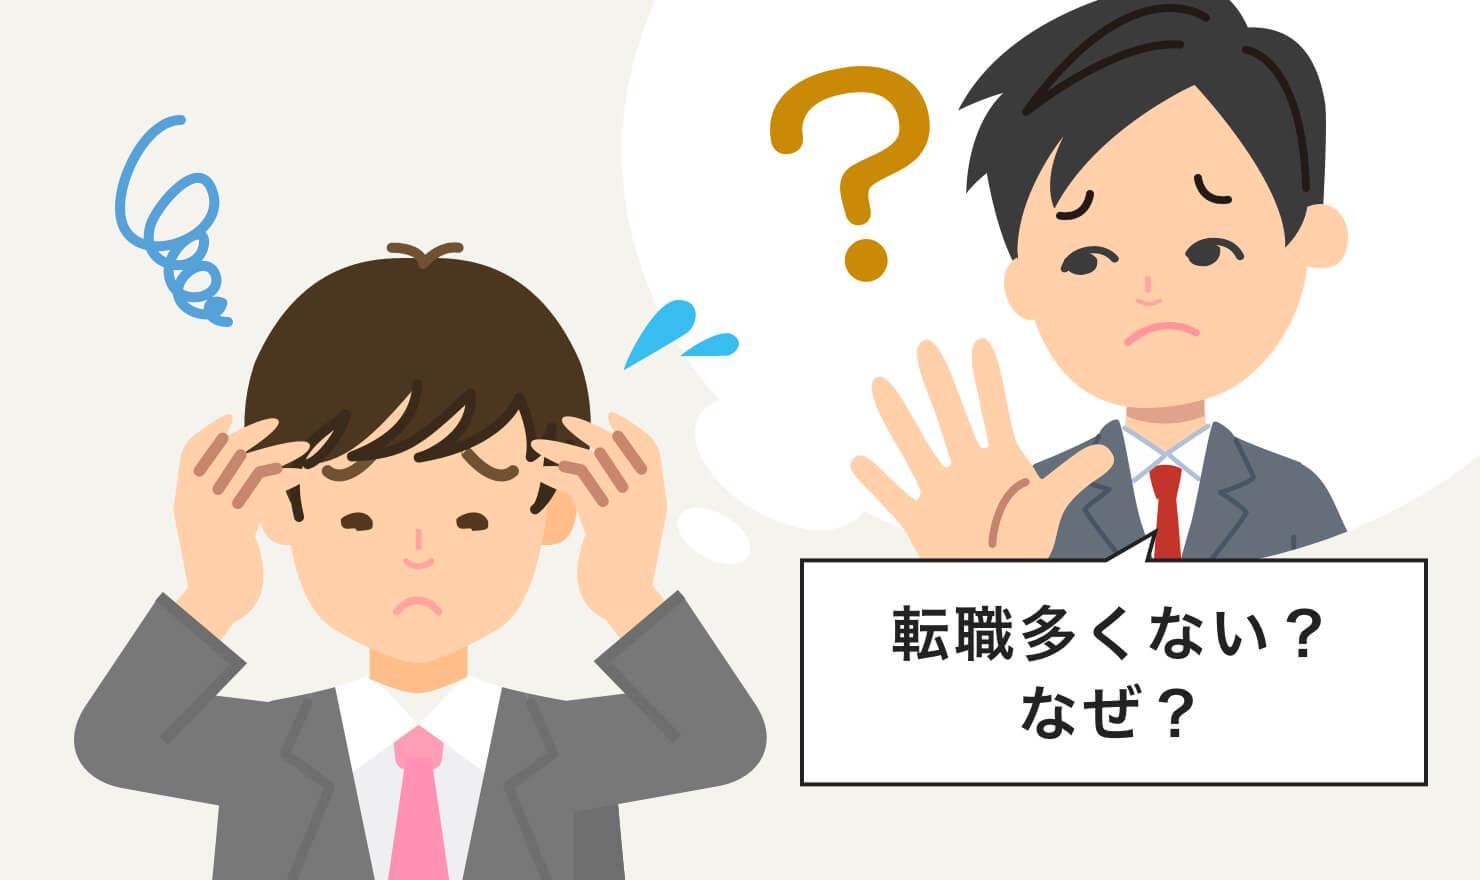 【退職理由の書き方】履歴書や職務経歴書に書く「退職理由」攻略法 | JOBSHIL